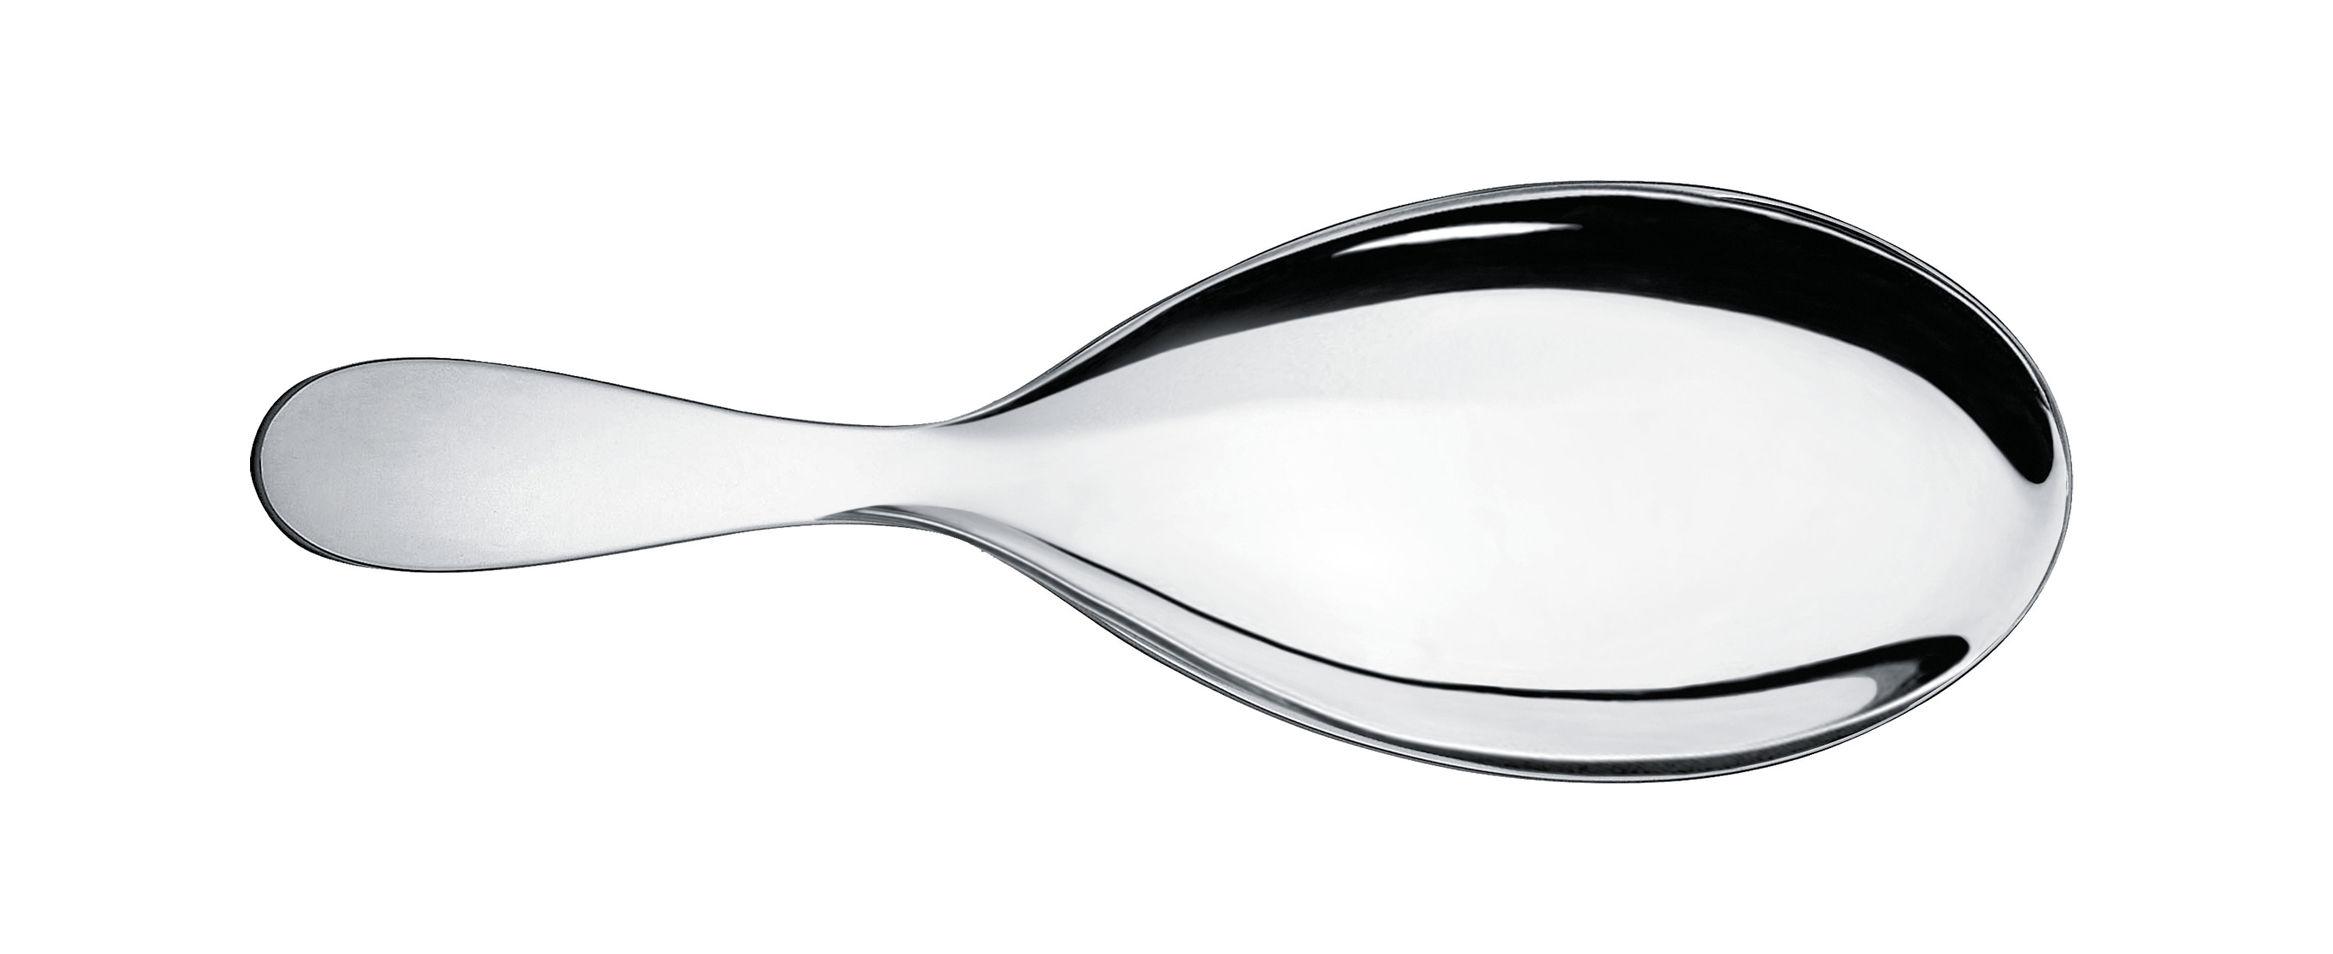 Arts de la table - Couverts de service - Cuillère de service Eat.it / Pour risotto - Alessi - Métal brillant - Acier inoxydable 18/10